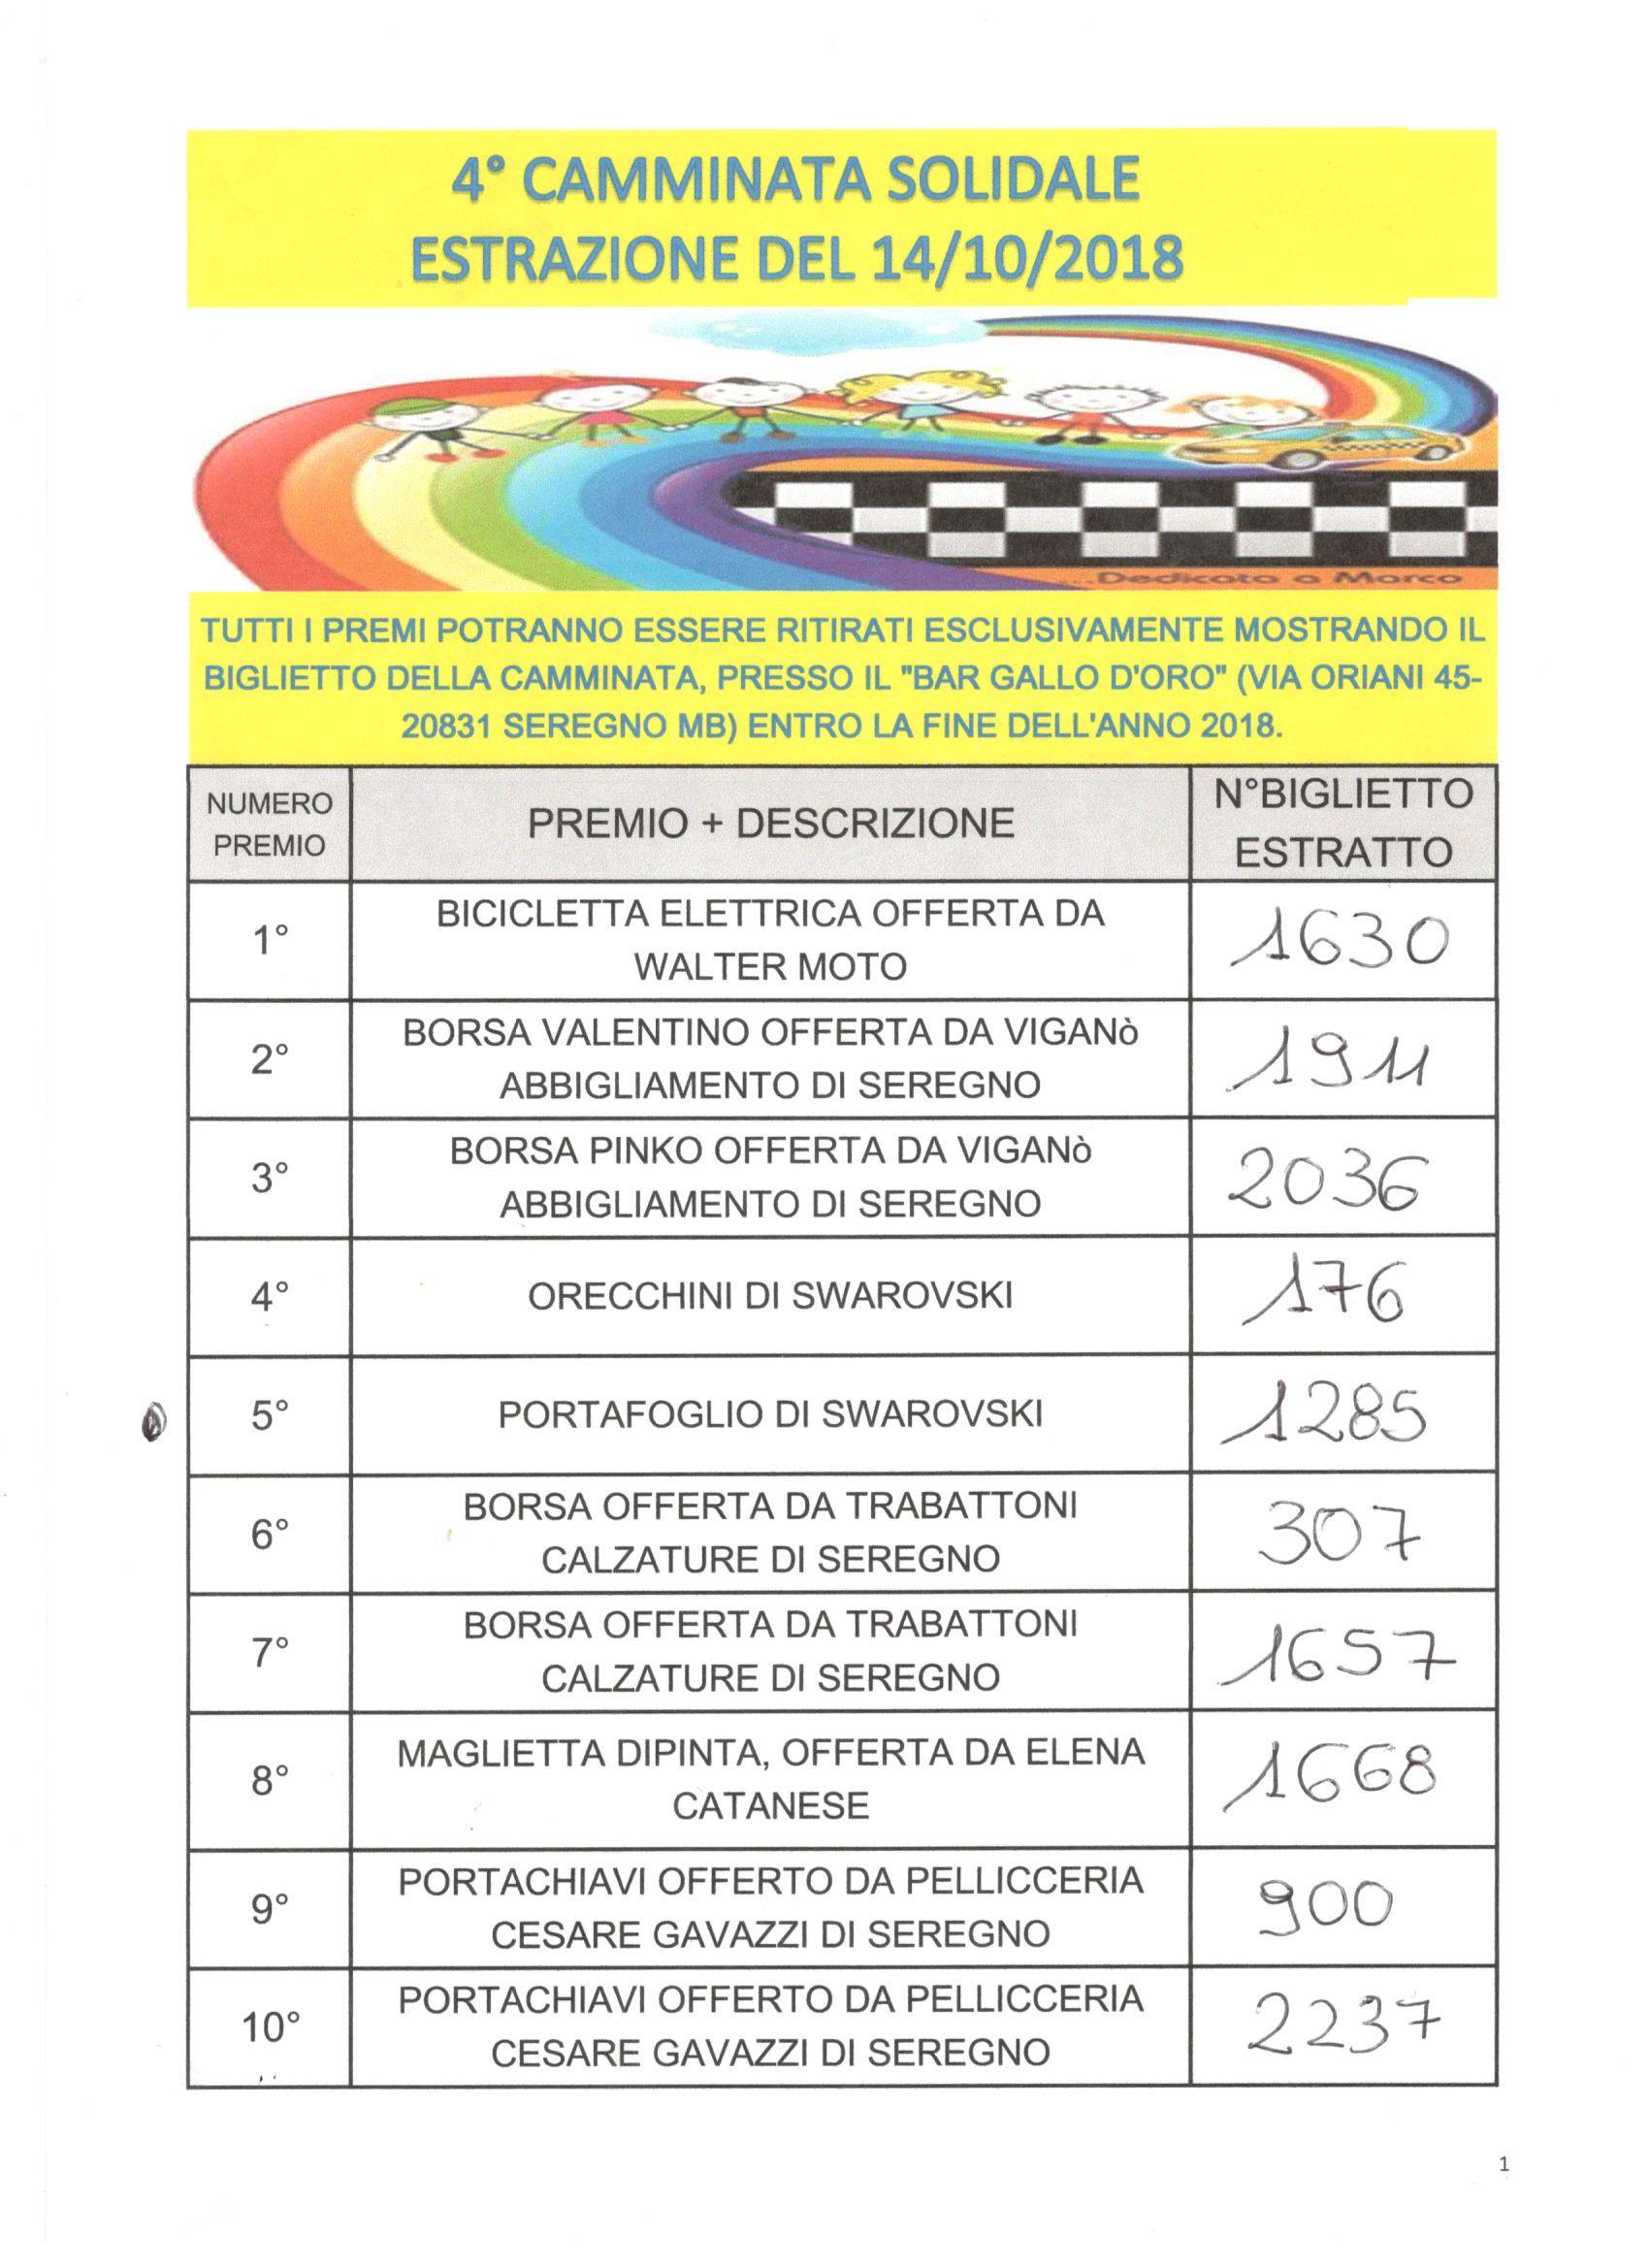 4° CAMMINATA SOLIDALE ESTRAZIONE DEL 14/10/2018